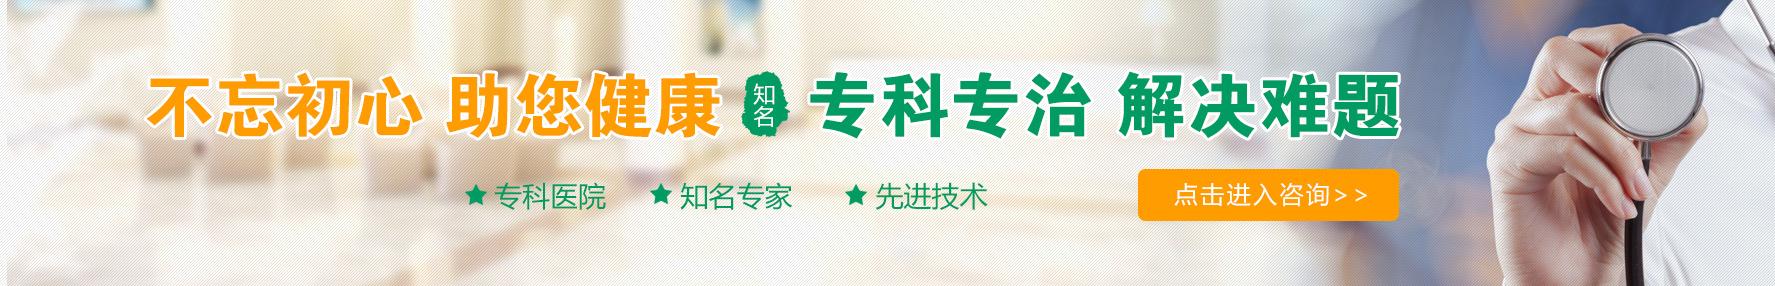 广州皮肤病医院